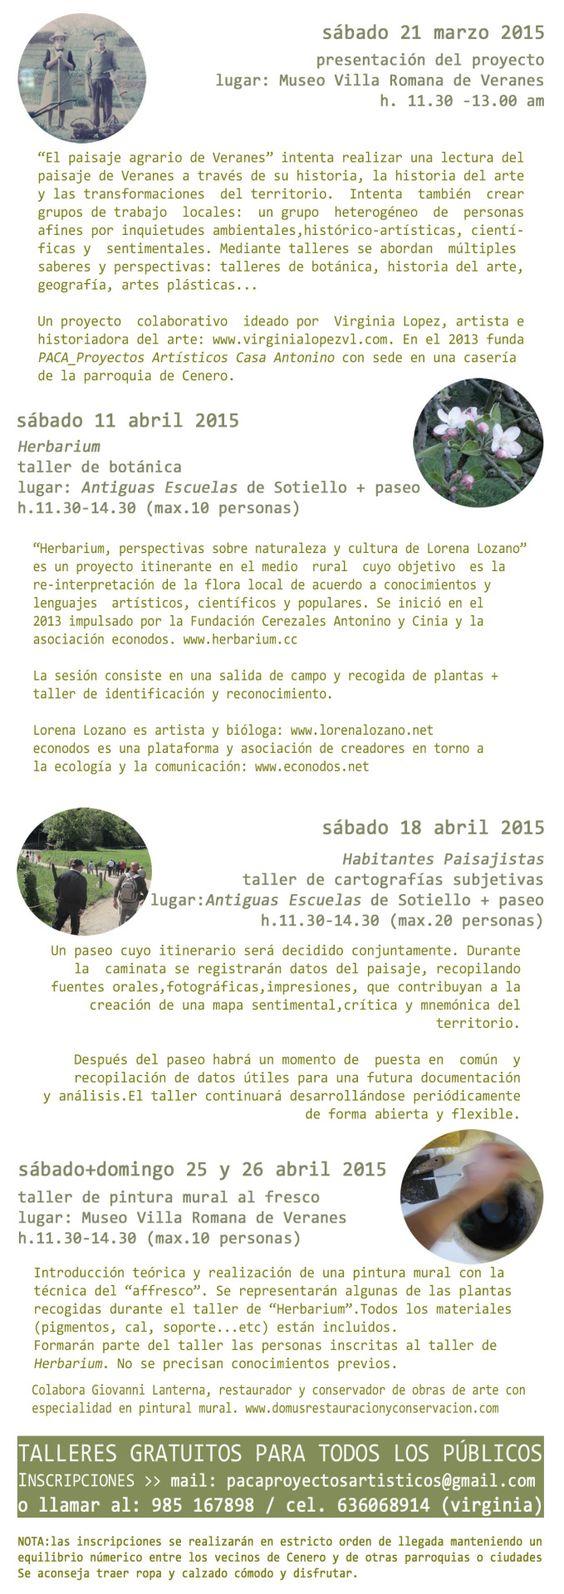 http://pacaproyectosartisticos.com/living-landscape/proyectos-en-curso/el-paisaje-agrario-de-veranes/EN ABRIL INICIAN LOS #WORKSHOPS!ciclo de talleres, Interpretación del paisaje a través de la practica artística. proyecto #ELPAISAJEAGRARIODEVERANES.